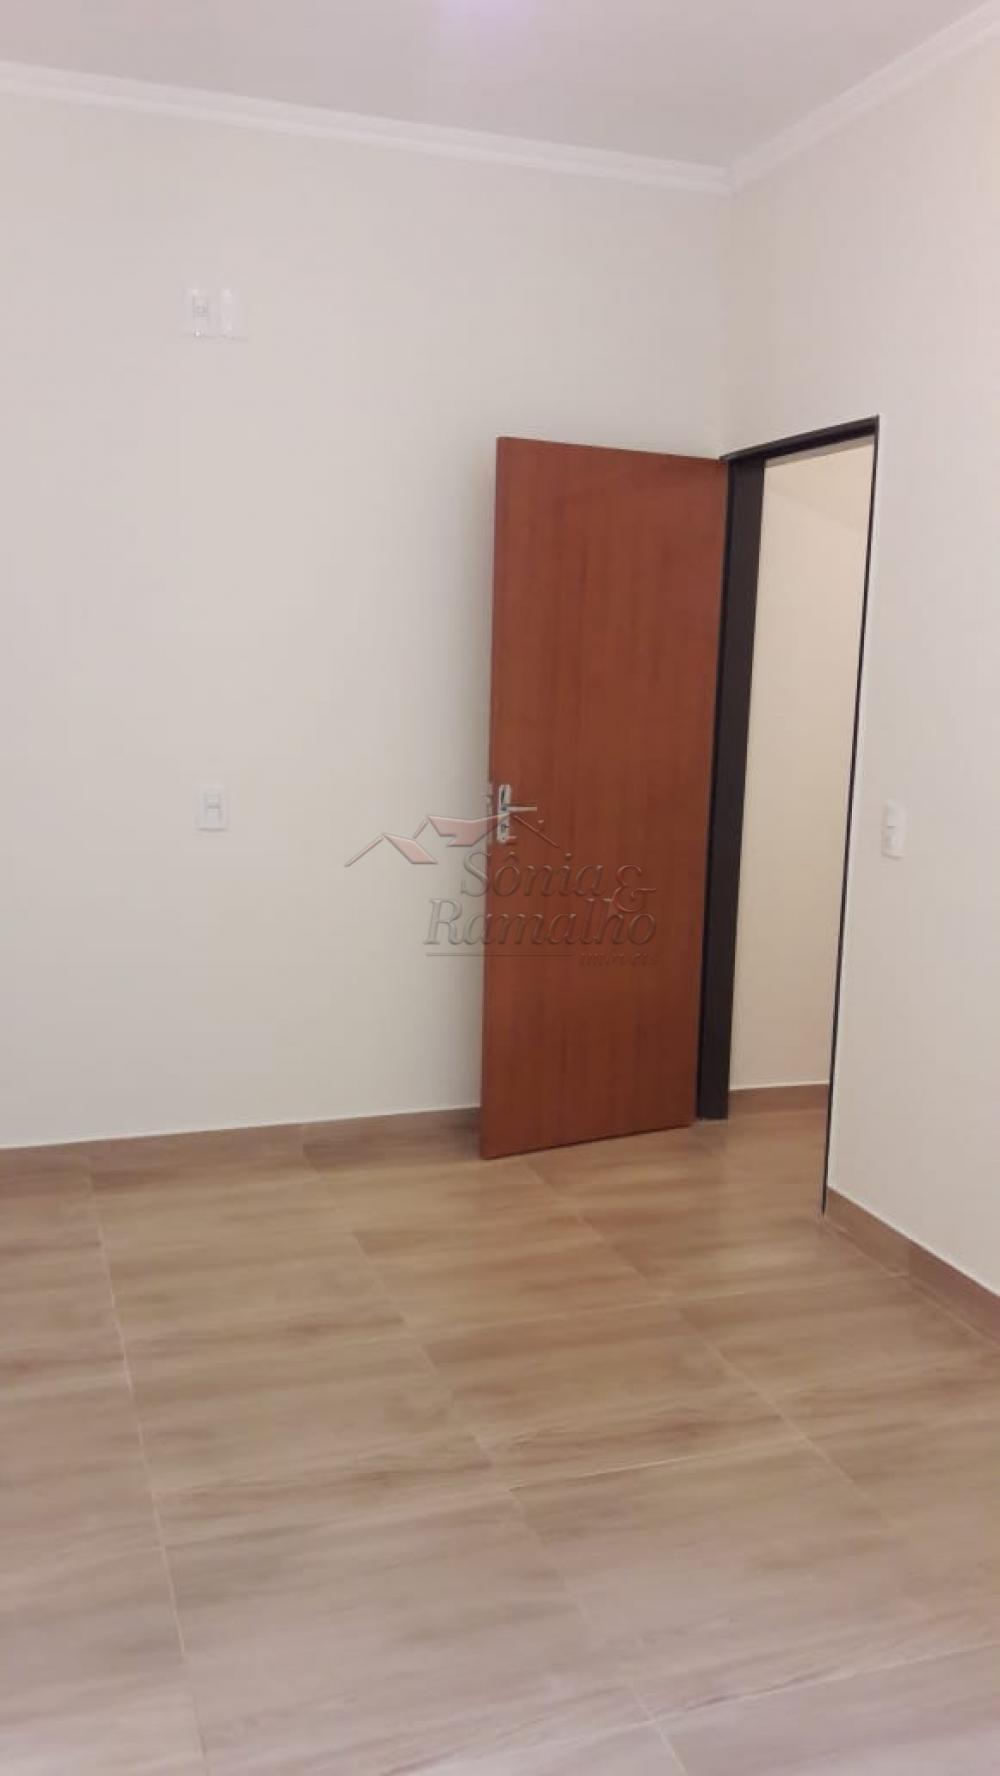 Comprar Casas / Padrão em Ribeirão Preto apenas R$ 290.000,00 - Foto 9